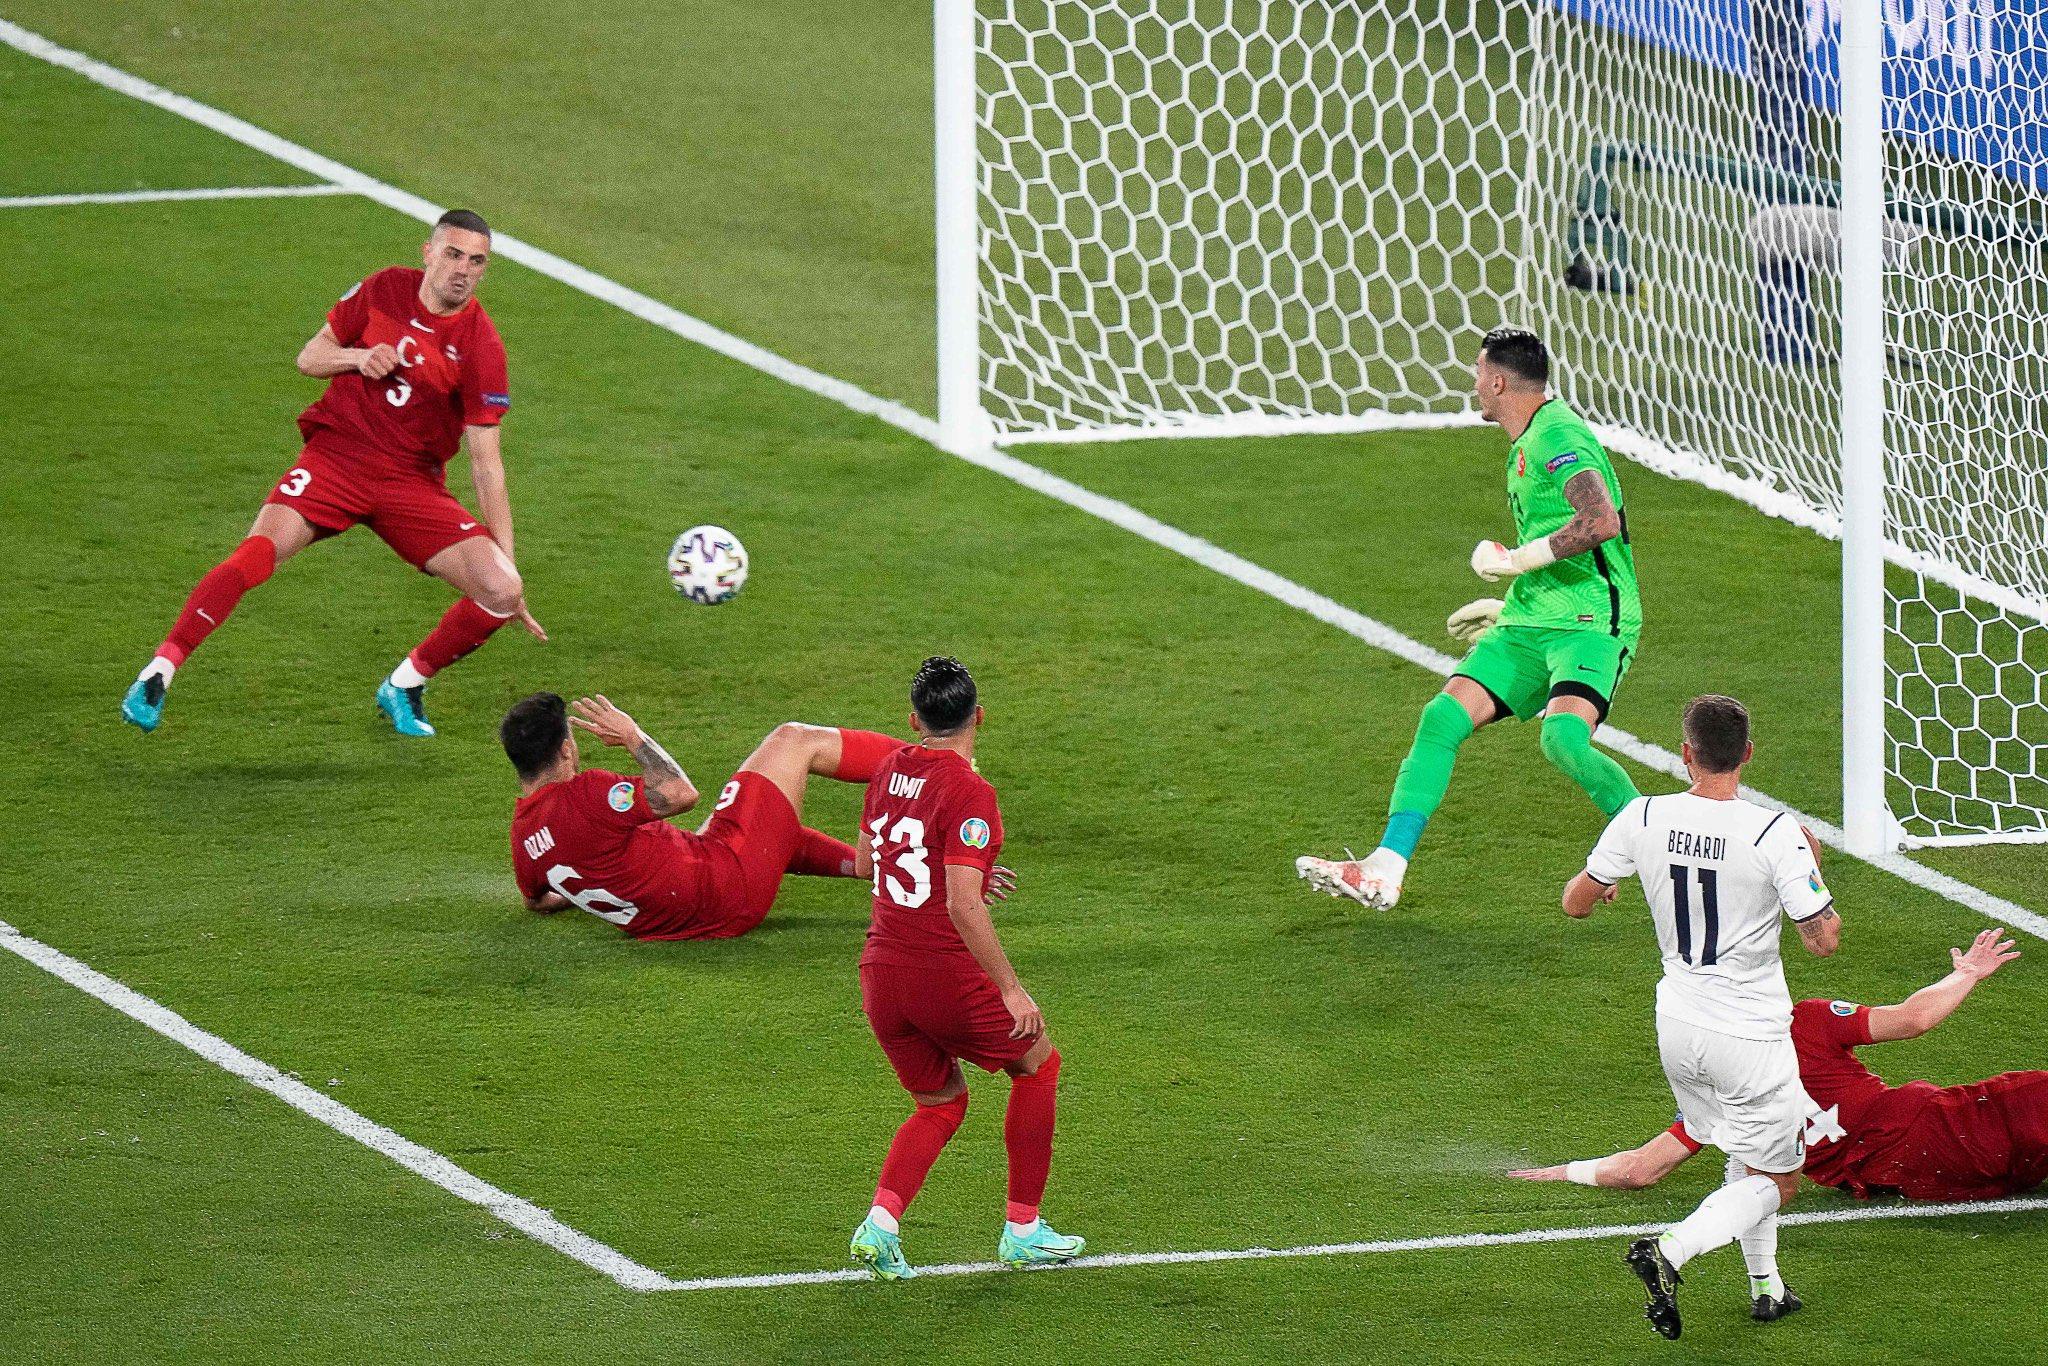 كرة الهدف الأول لمنتخب إيطاليا